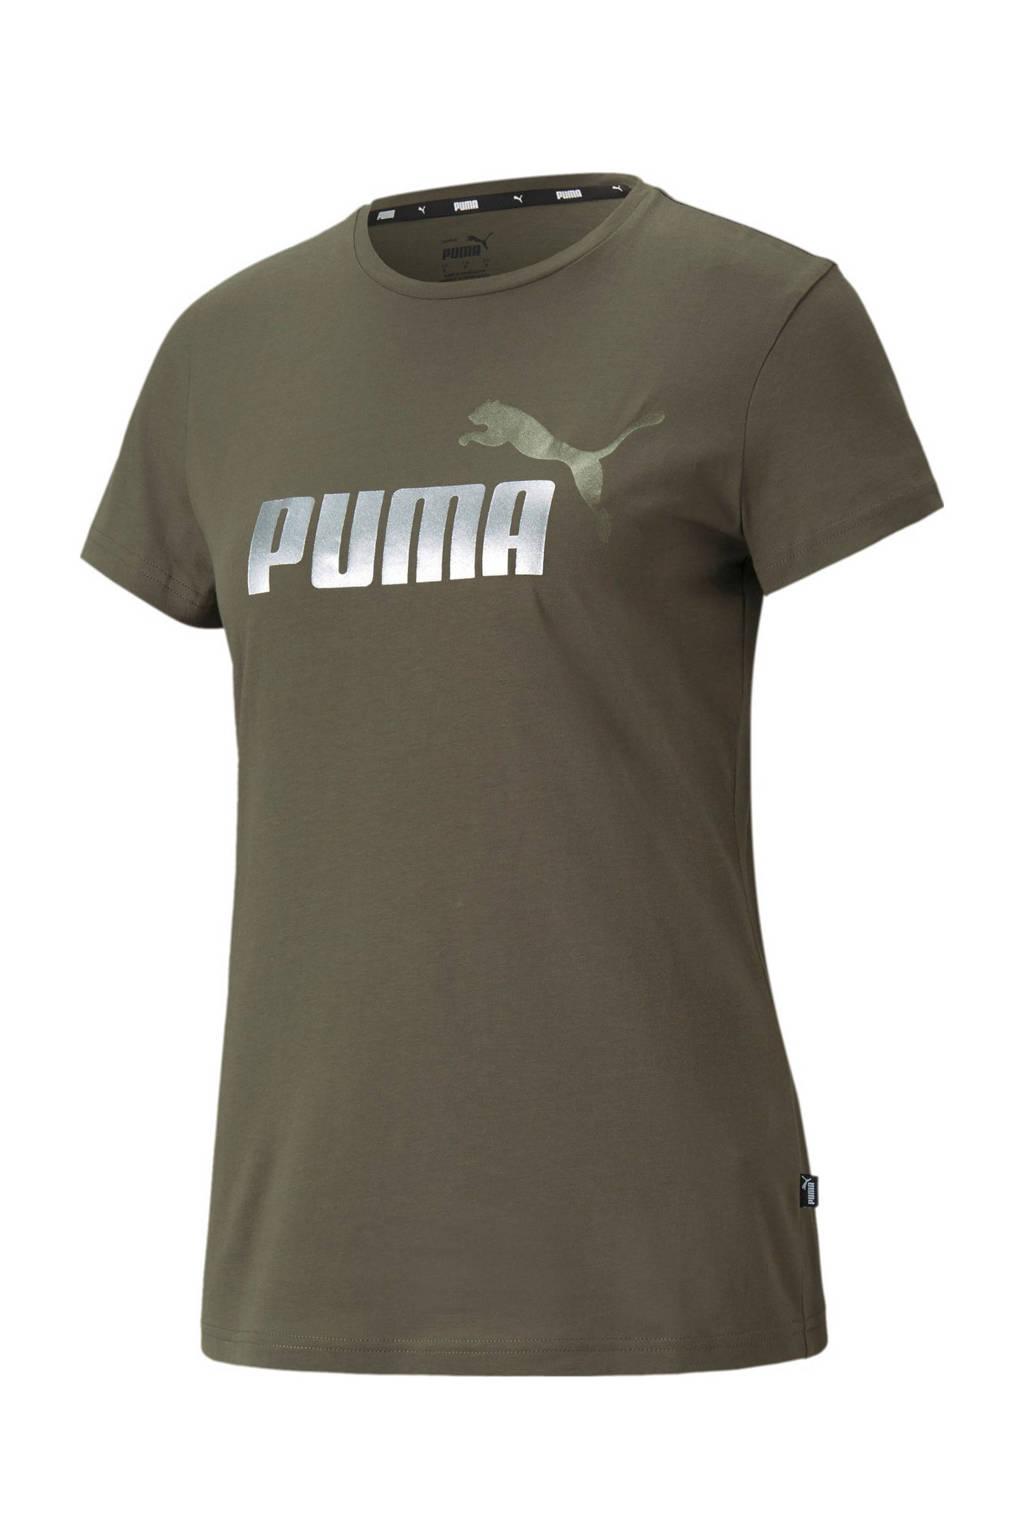 Puma T-shirt met logo groen/zilver, Groen/zilver